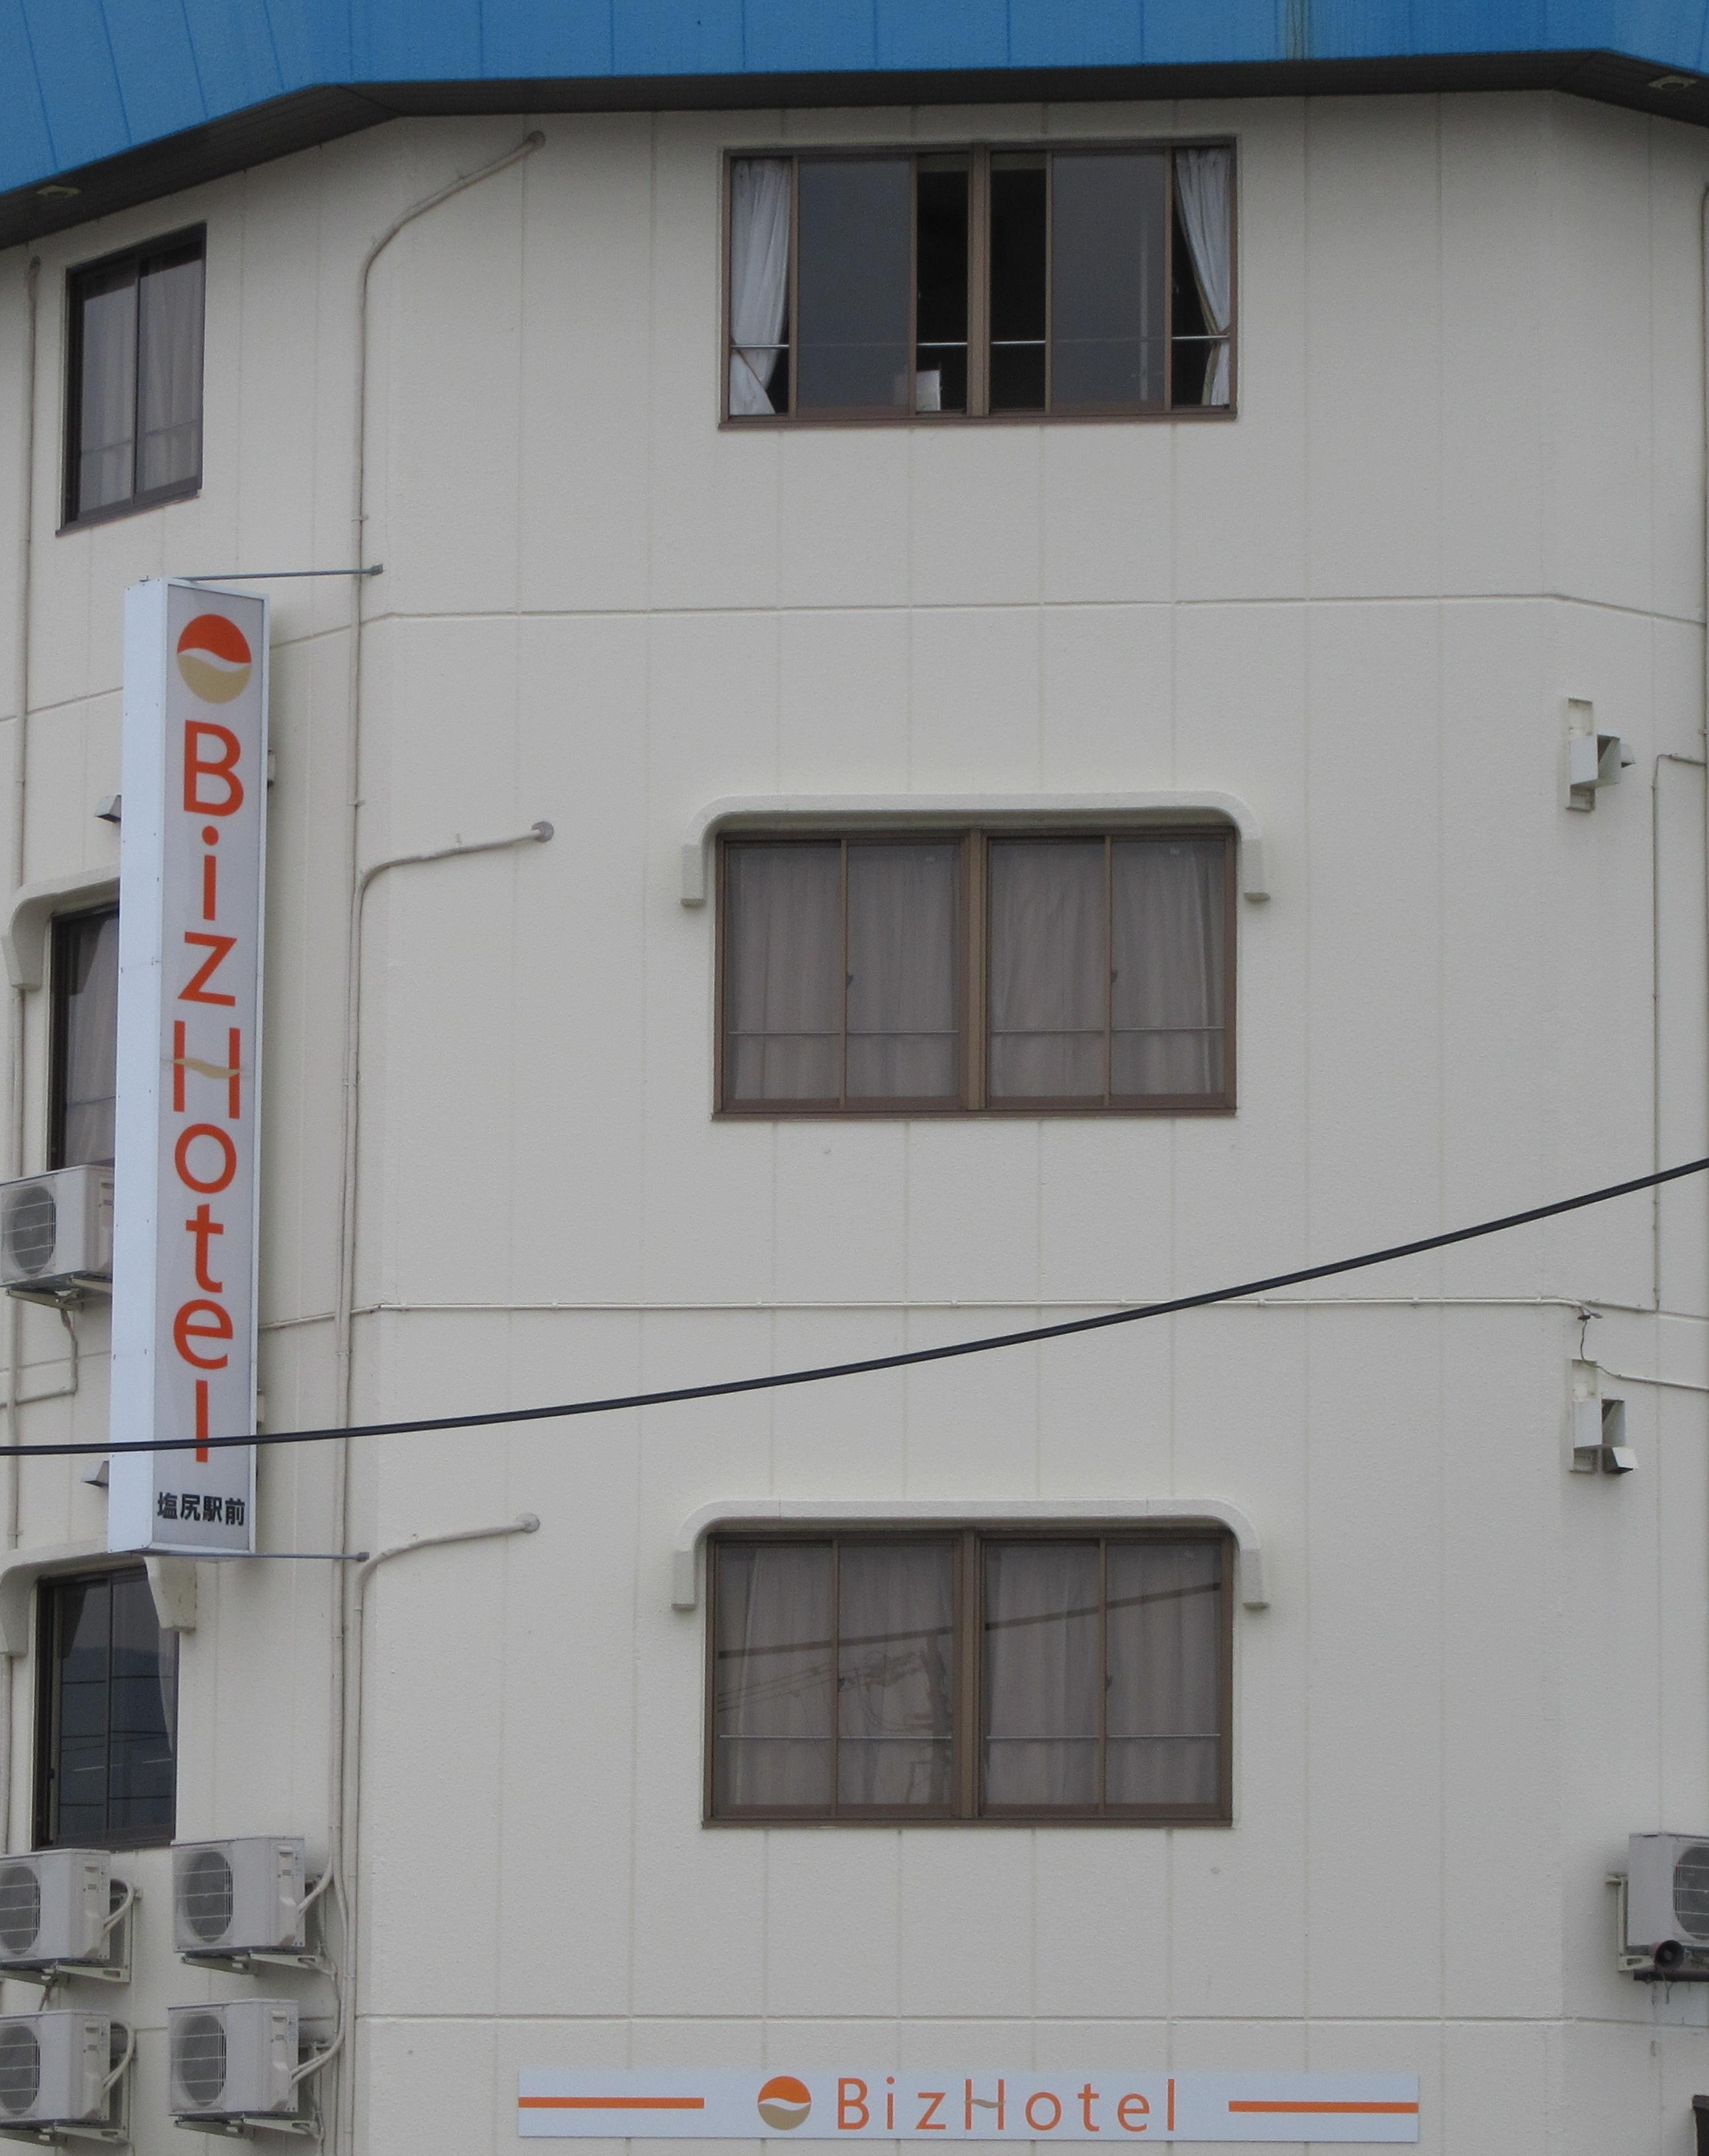 BizHotel塩尻駅前